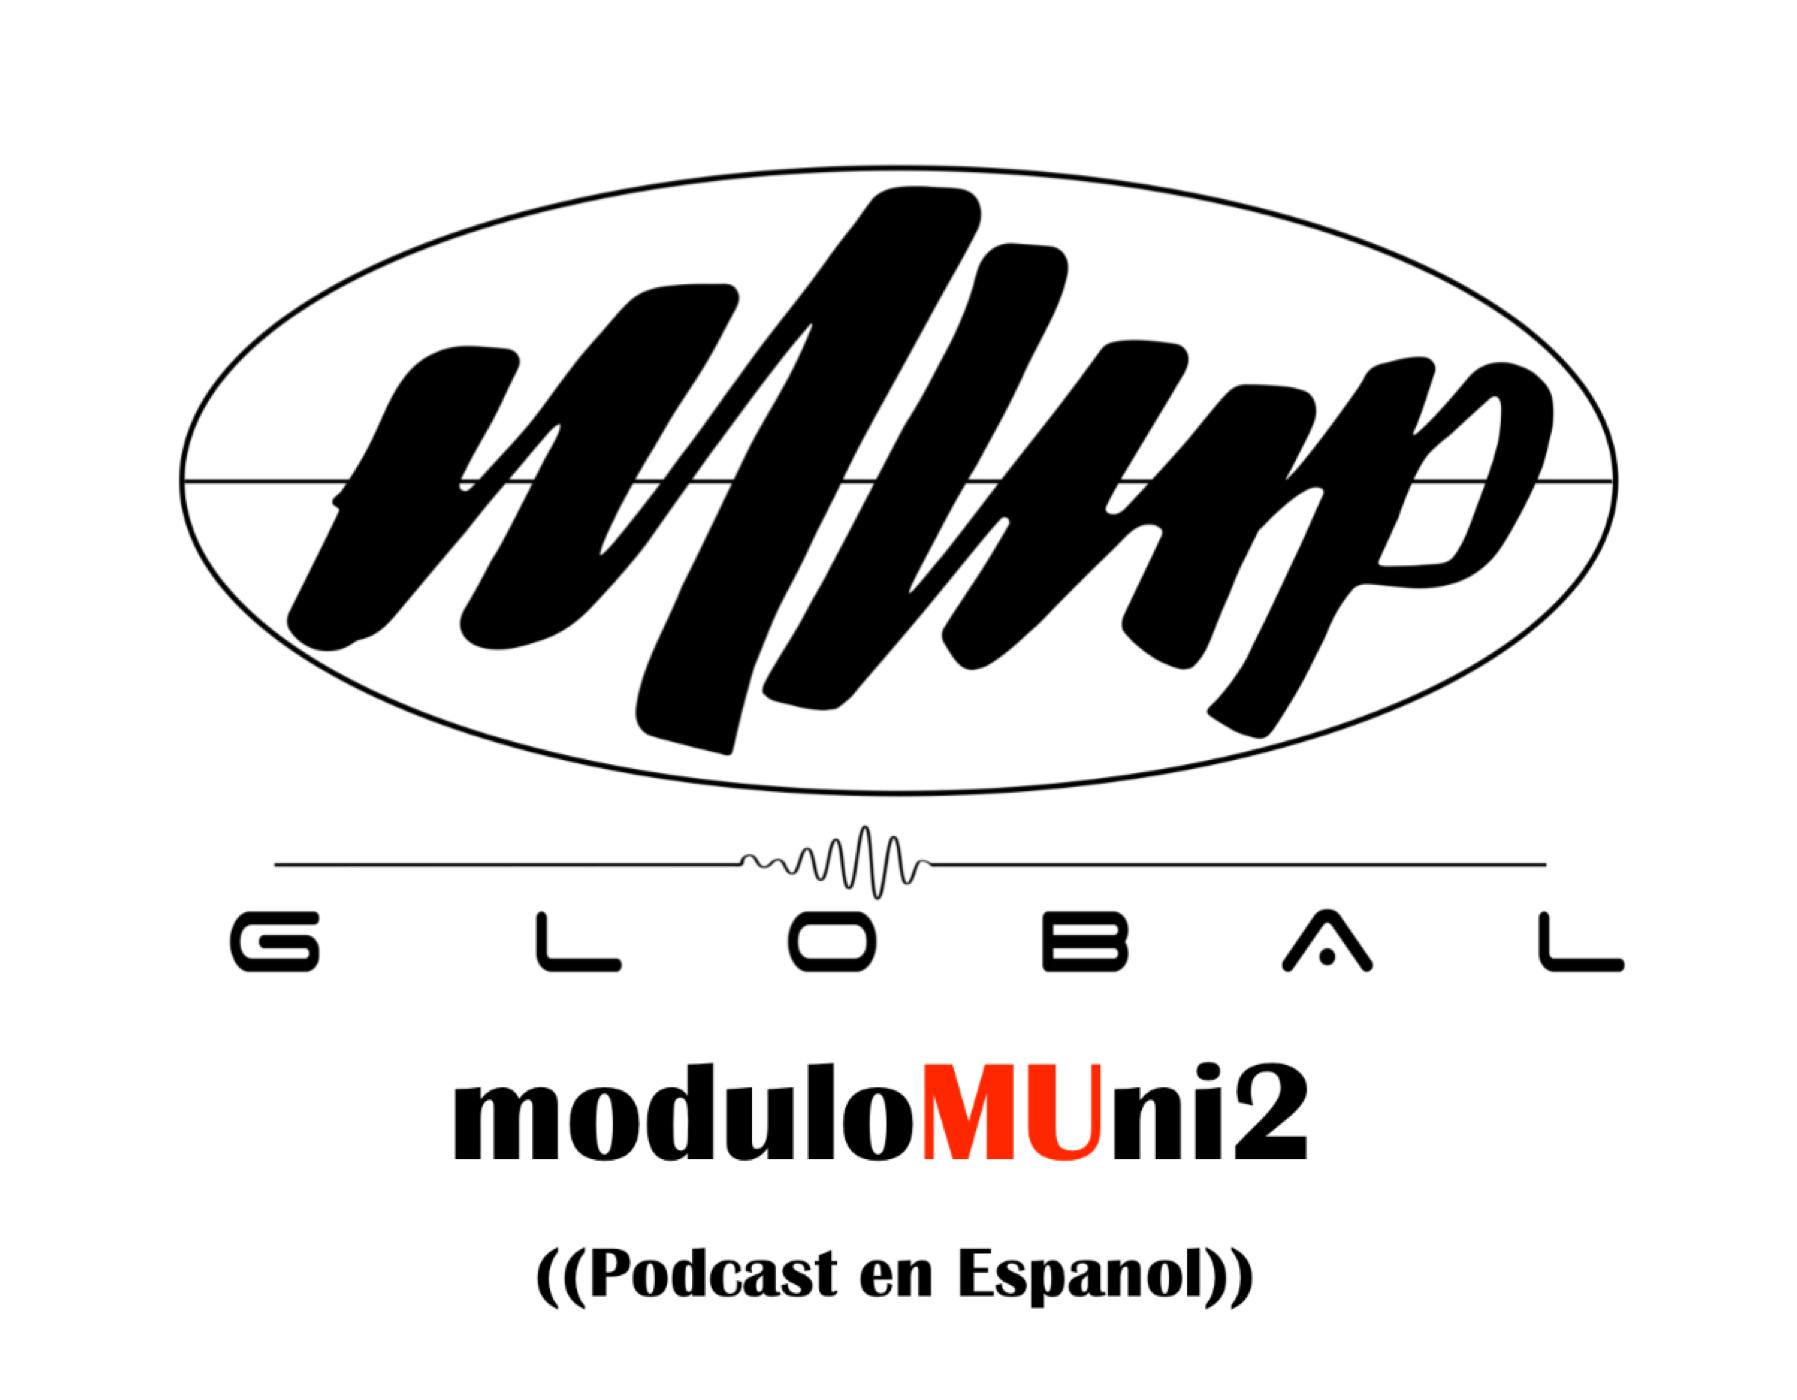 moduloMUni2's podcast show art